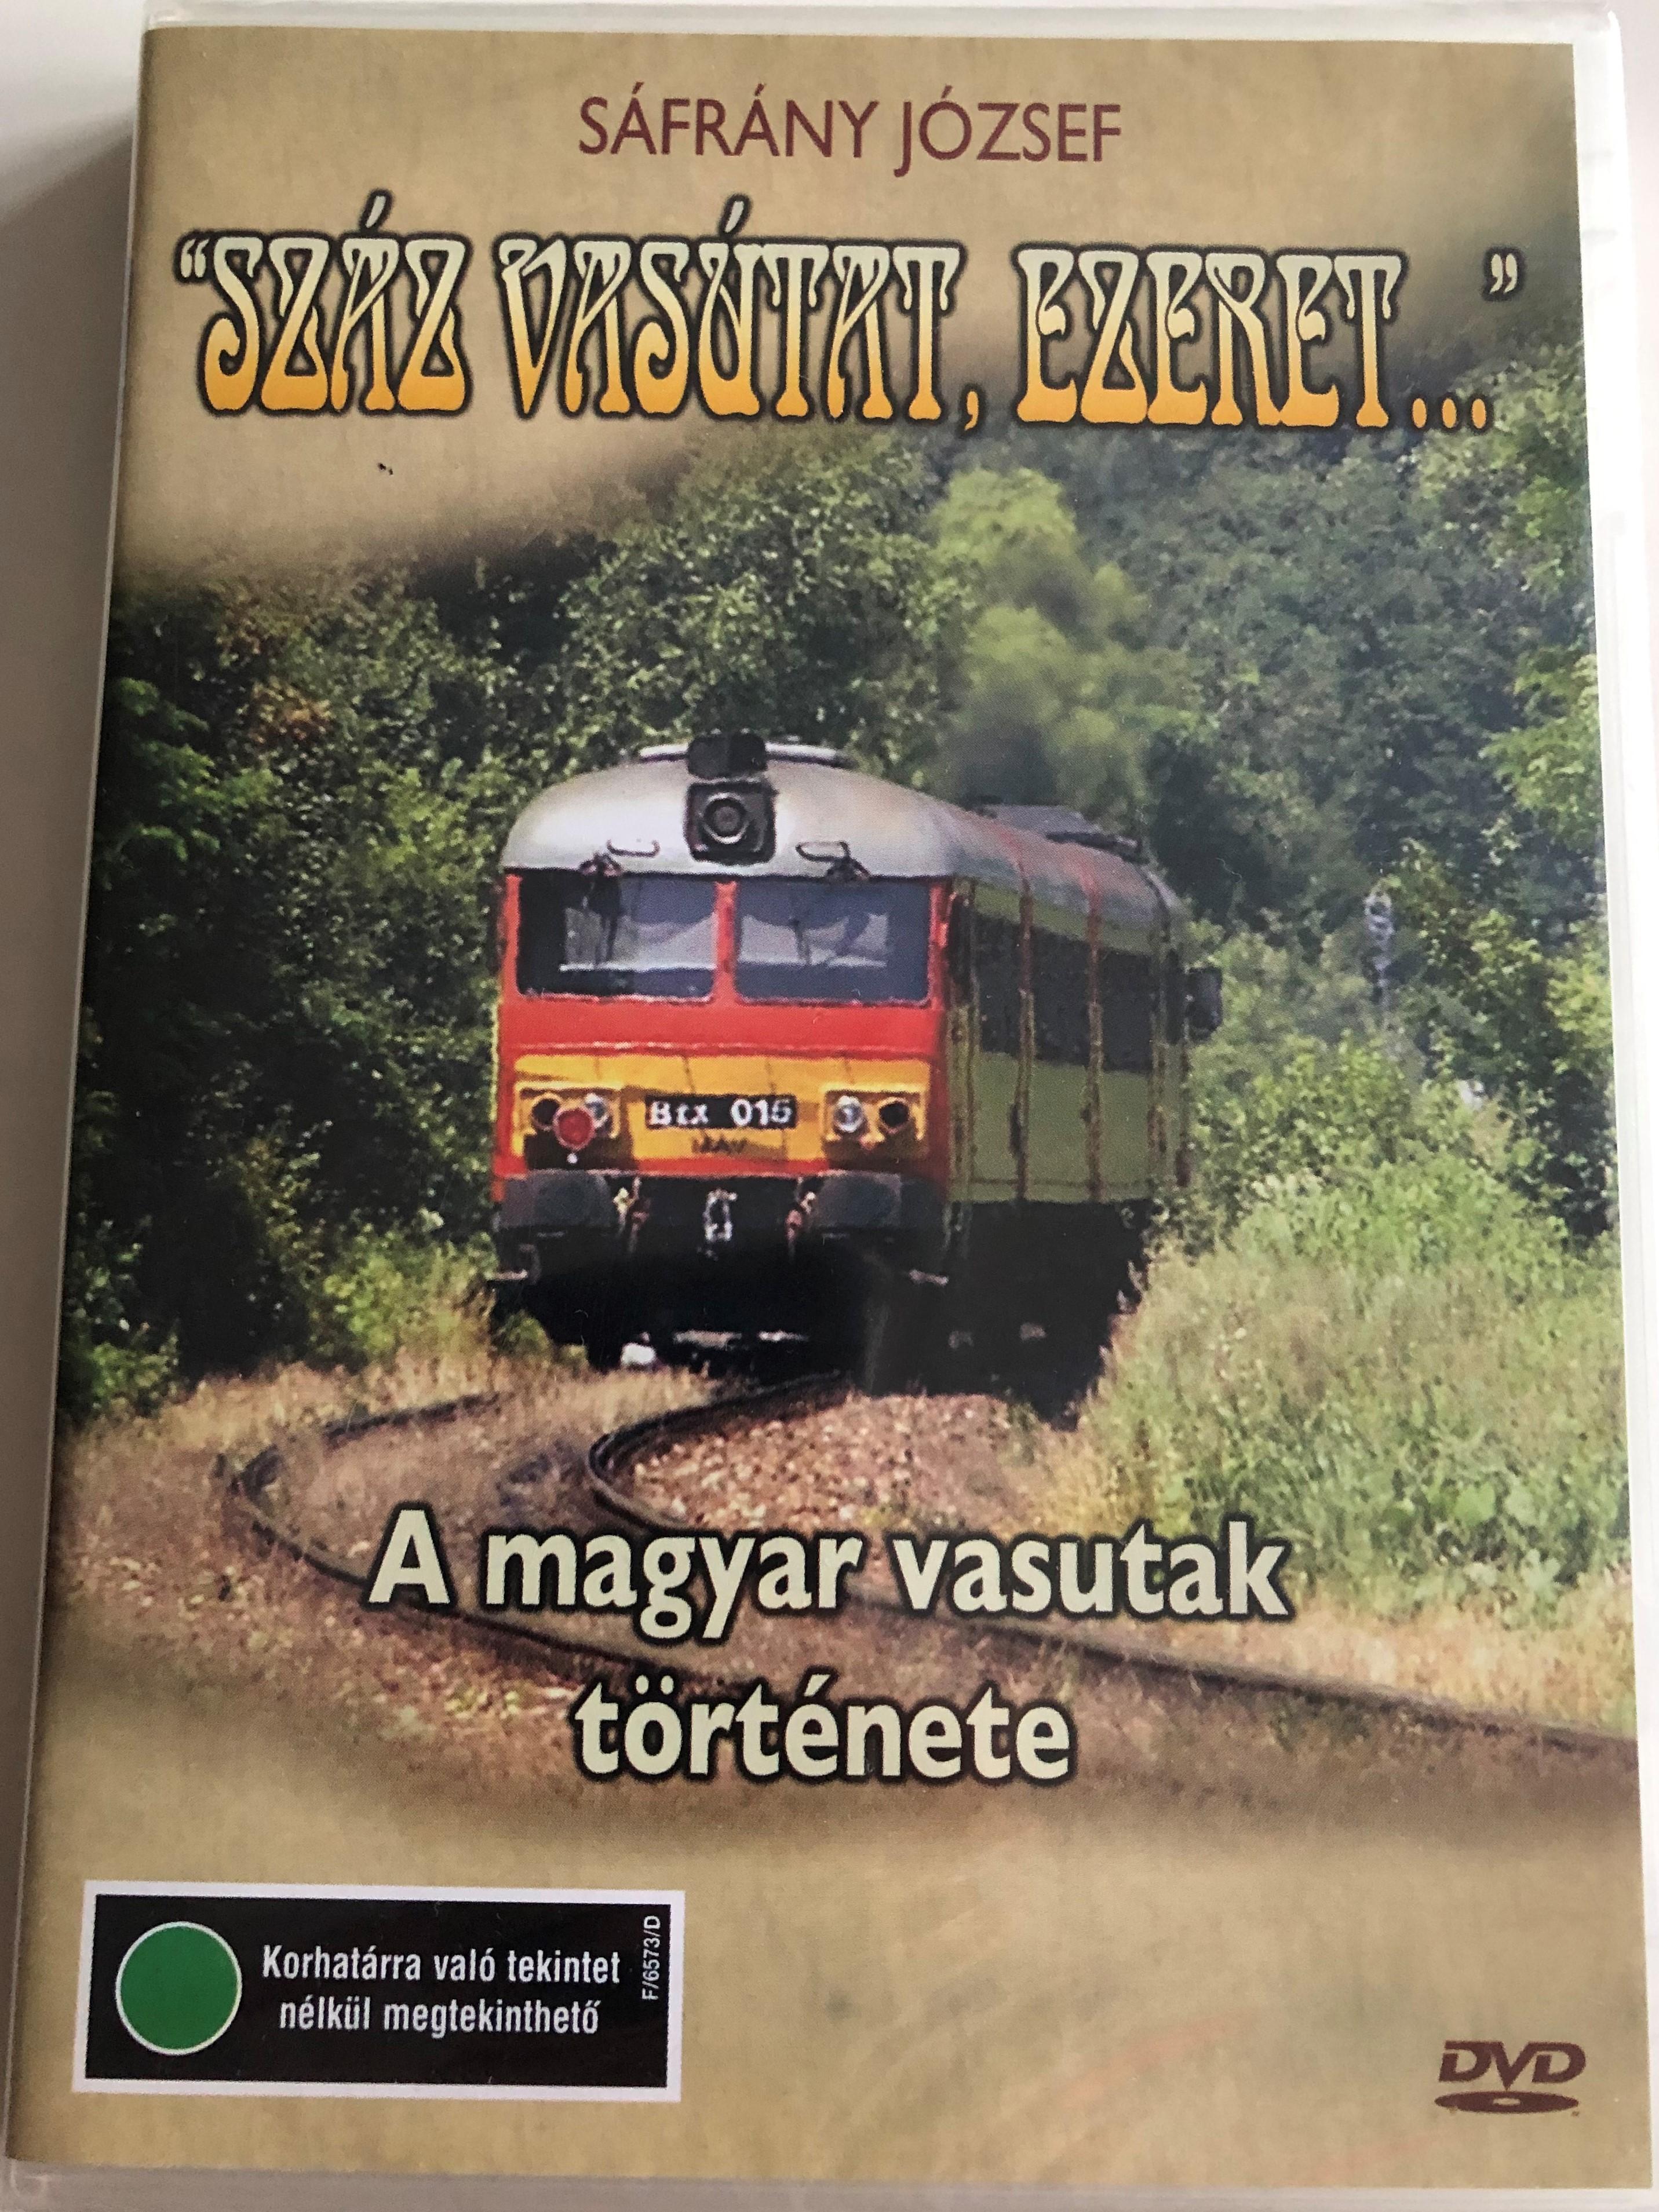 sz-z-vas-tat-ezeret...-dvd-1996-a-magyar-vasutak-t-rt-nete-directed-by-s-fr-ny-j-zsef-1-.jpg